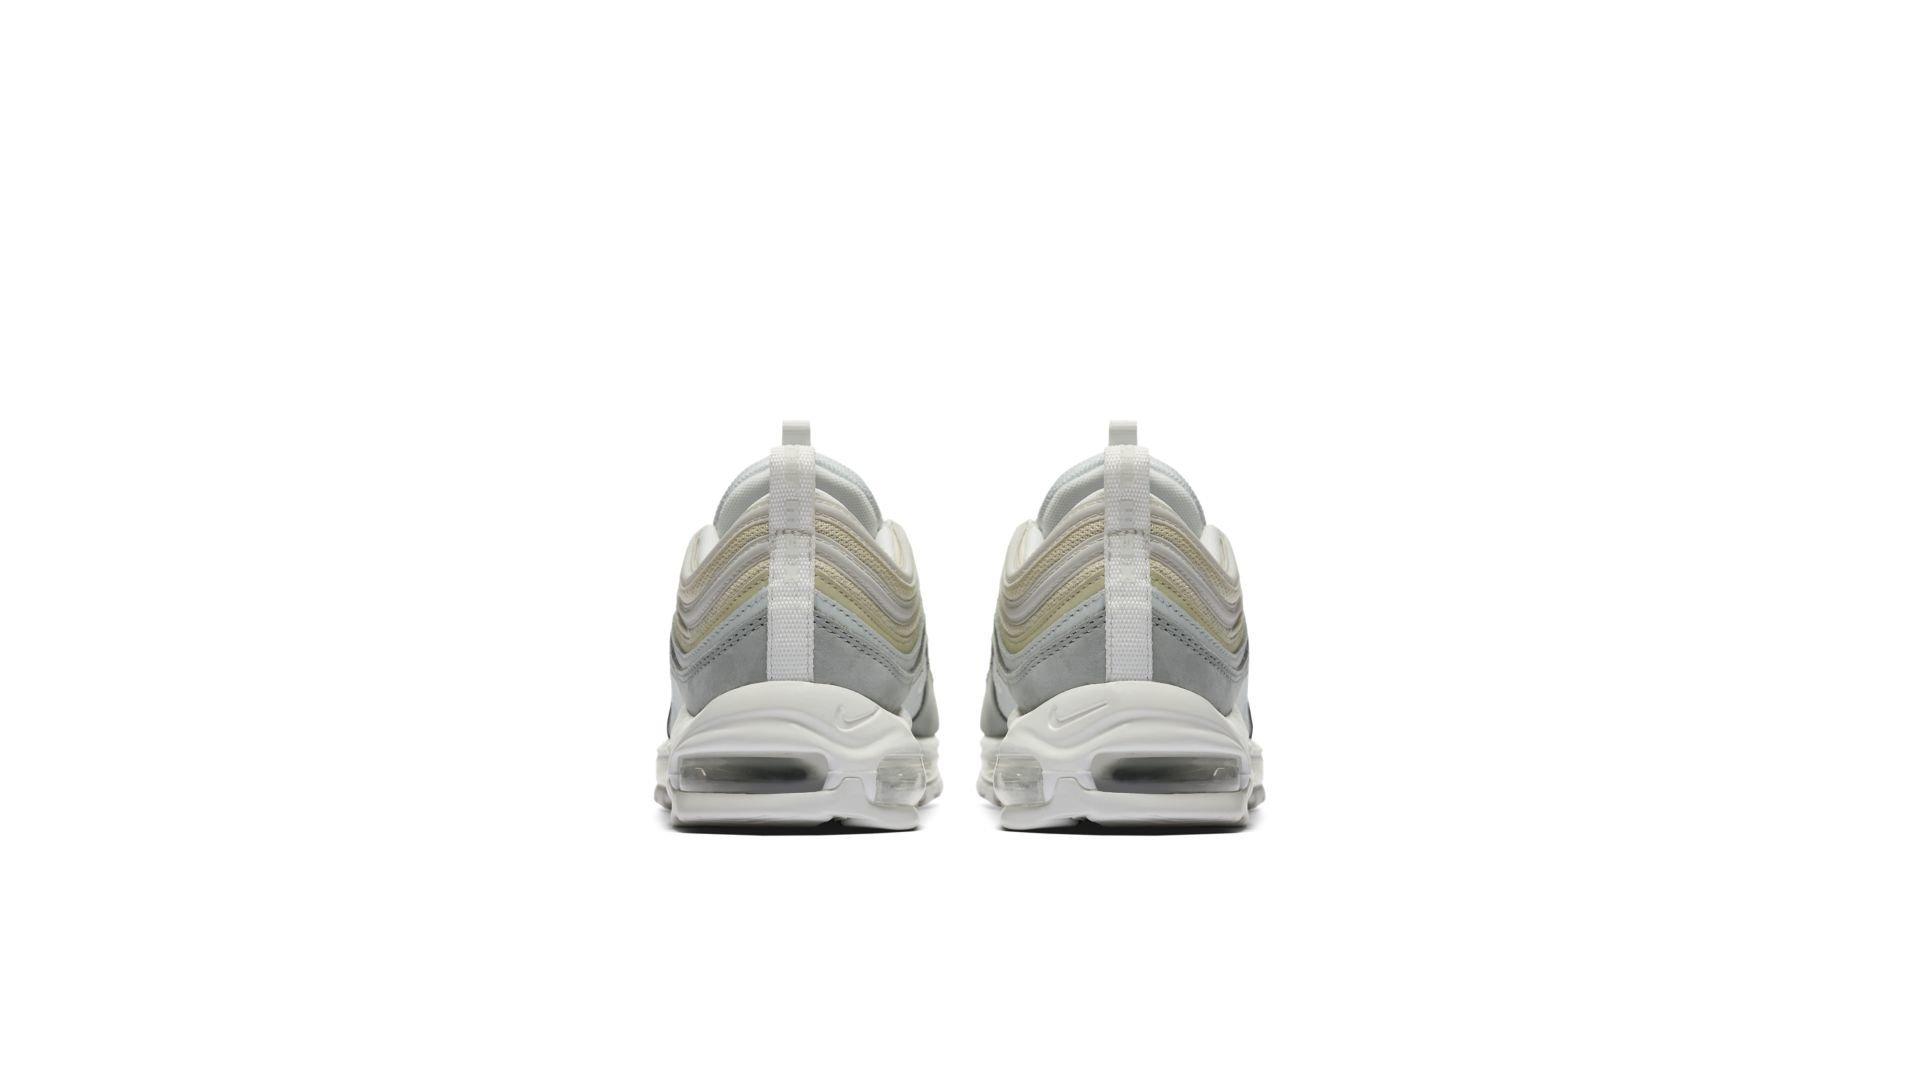 Nike Air Max 97 Premium 312834-004